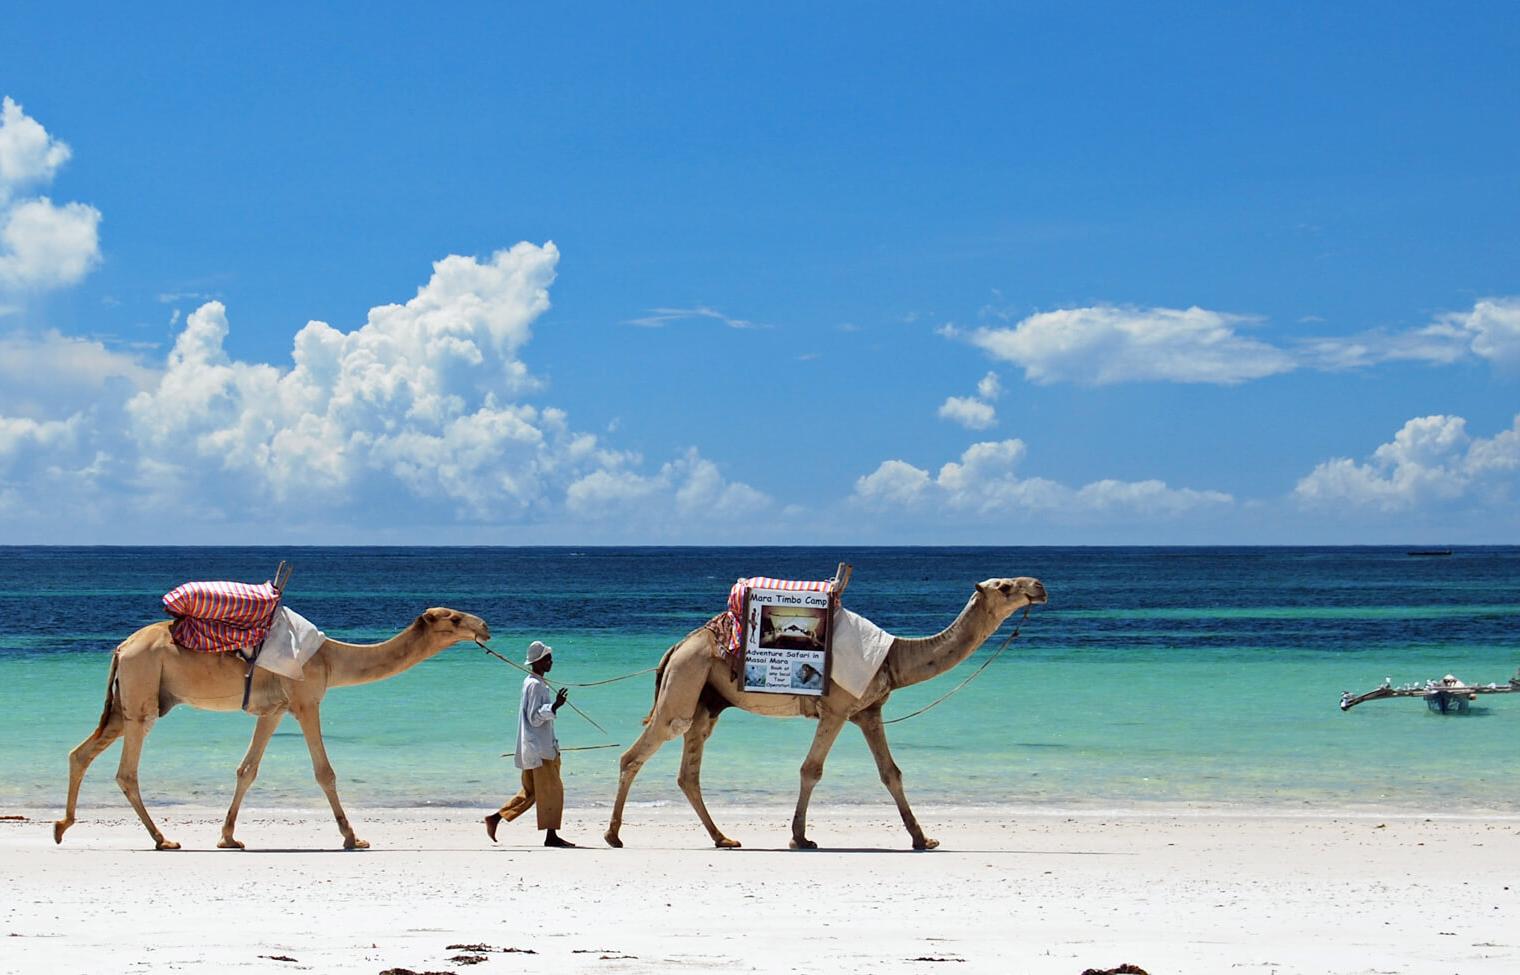 Кения + сафари в подарок - Туристический оператор APL Travel (АПЛ Тревел)